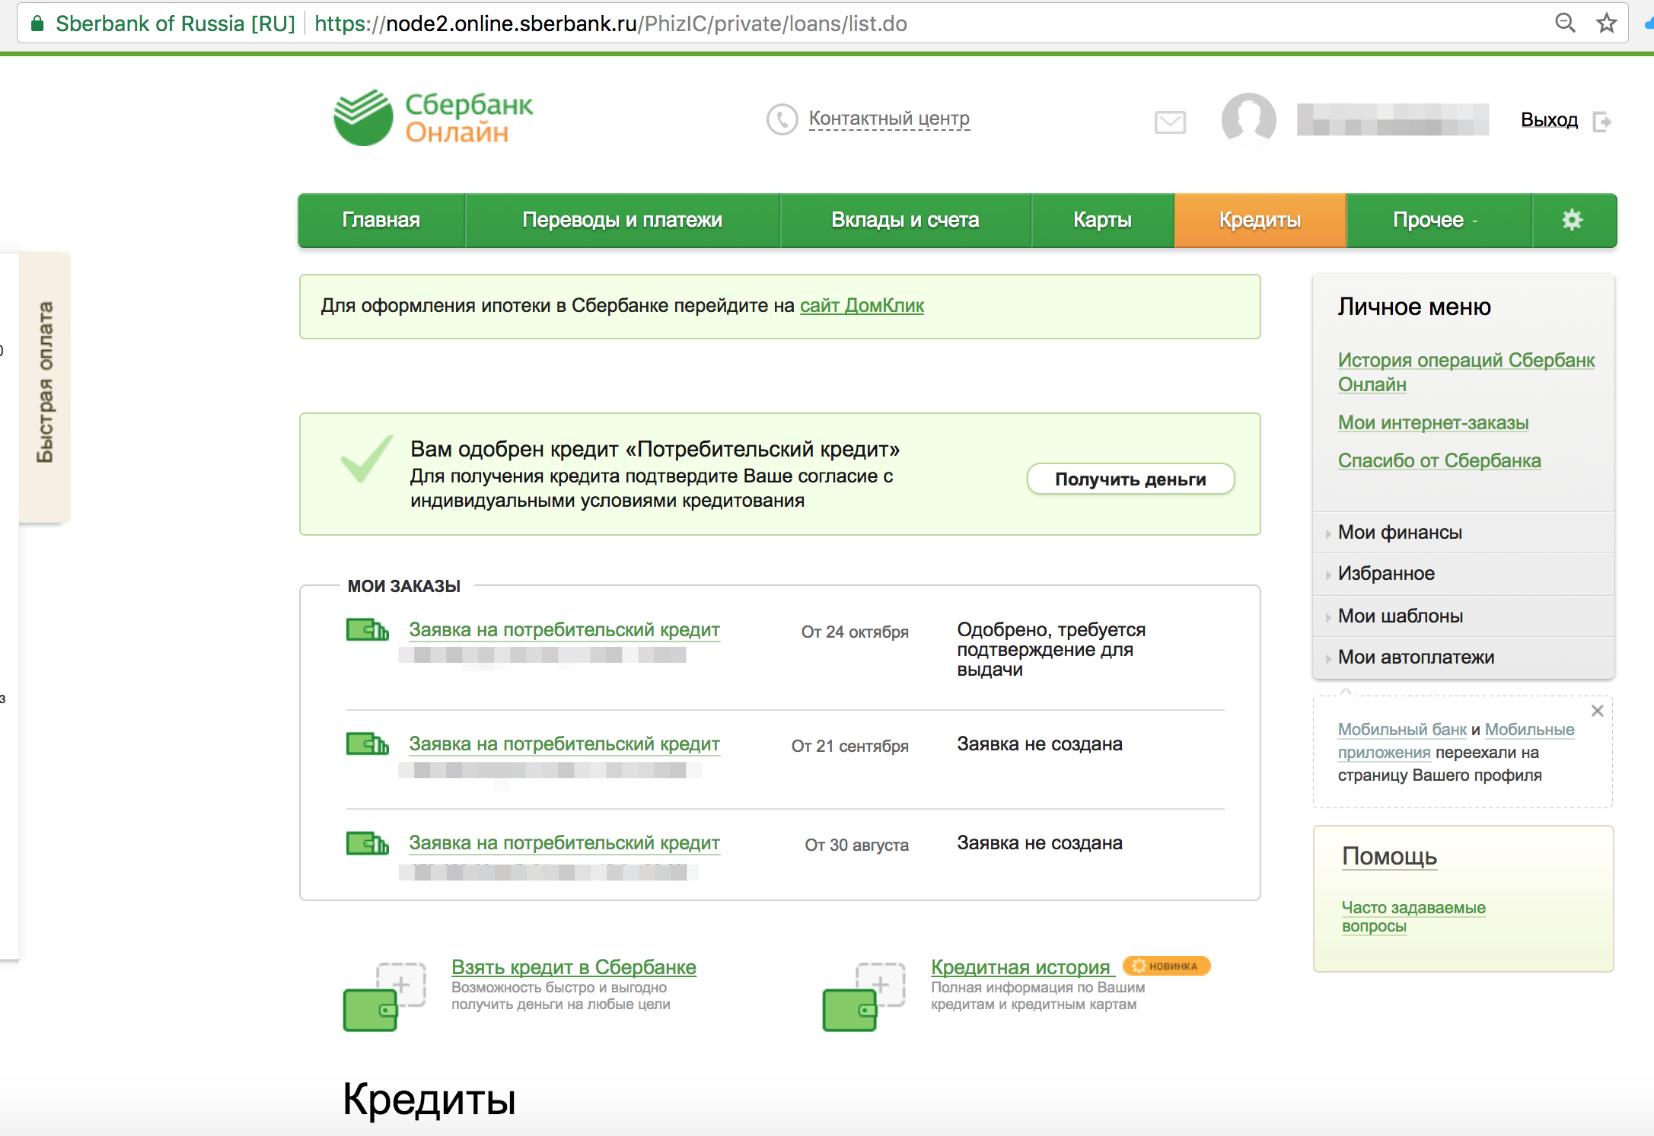 займ от сбербанка онлайн дебет 62 кредит 84